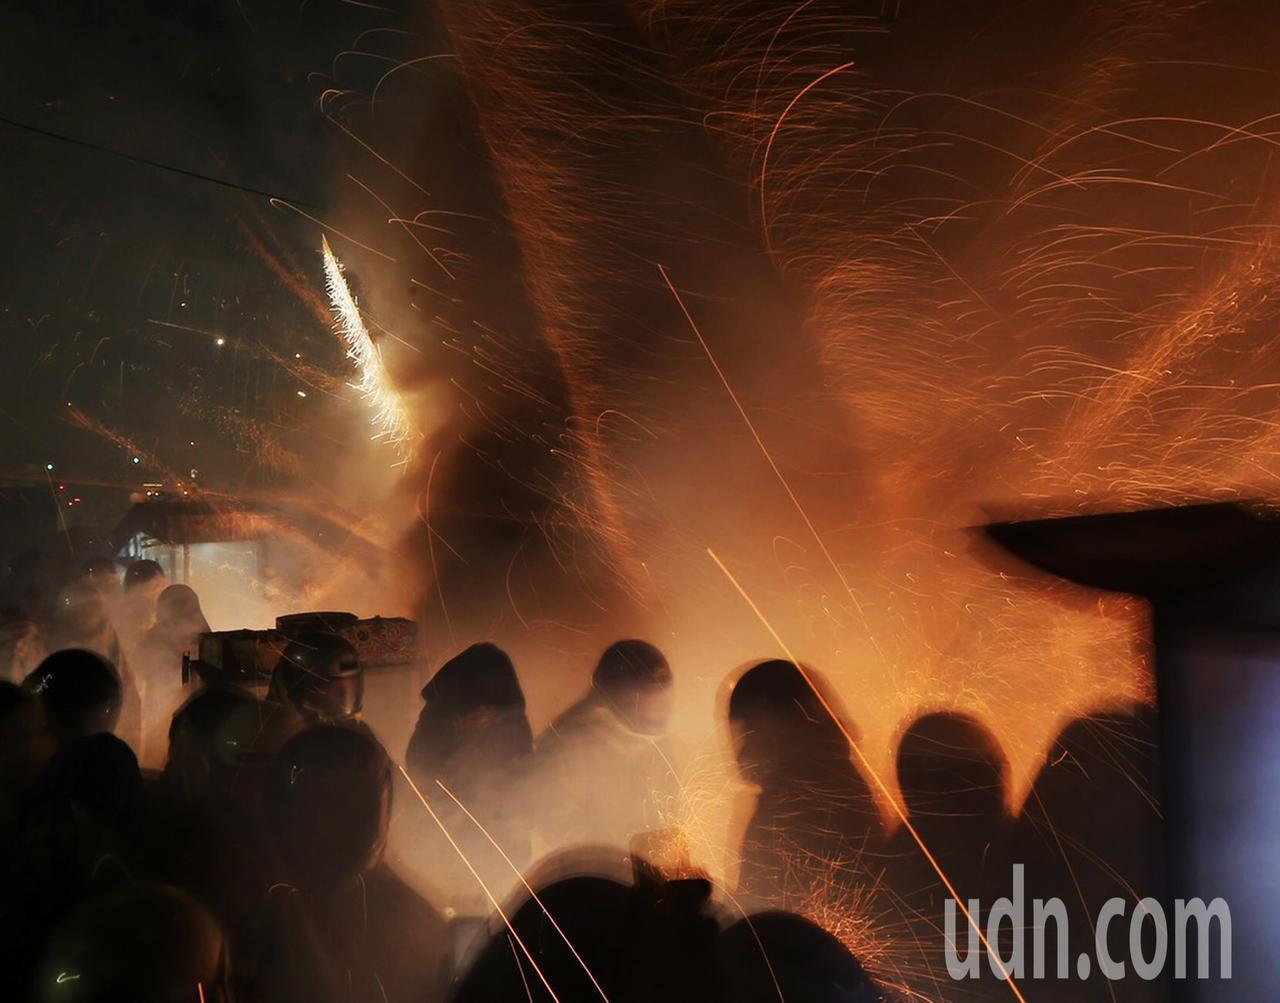 鹽水蜂炮晚上開炸,民眾穿梭其中,享受蜂炮震撼的威力與美感。記者許正宏/攝影